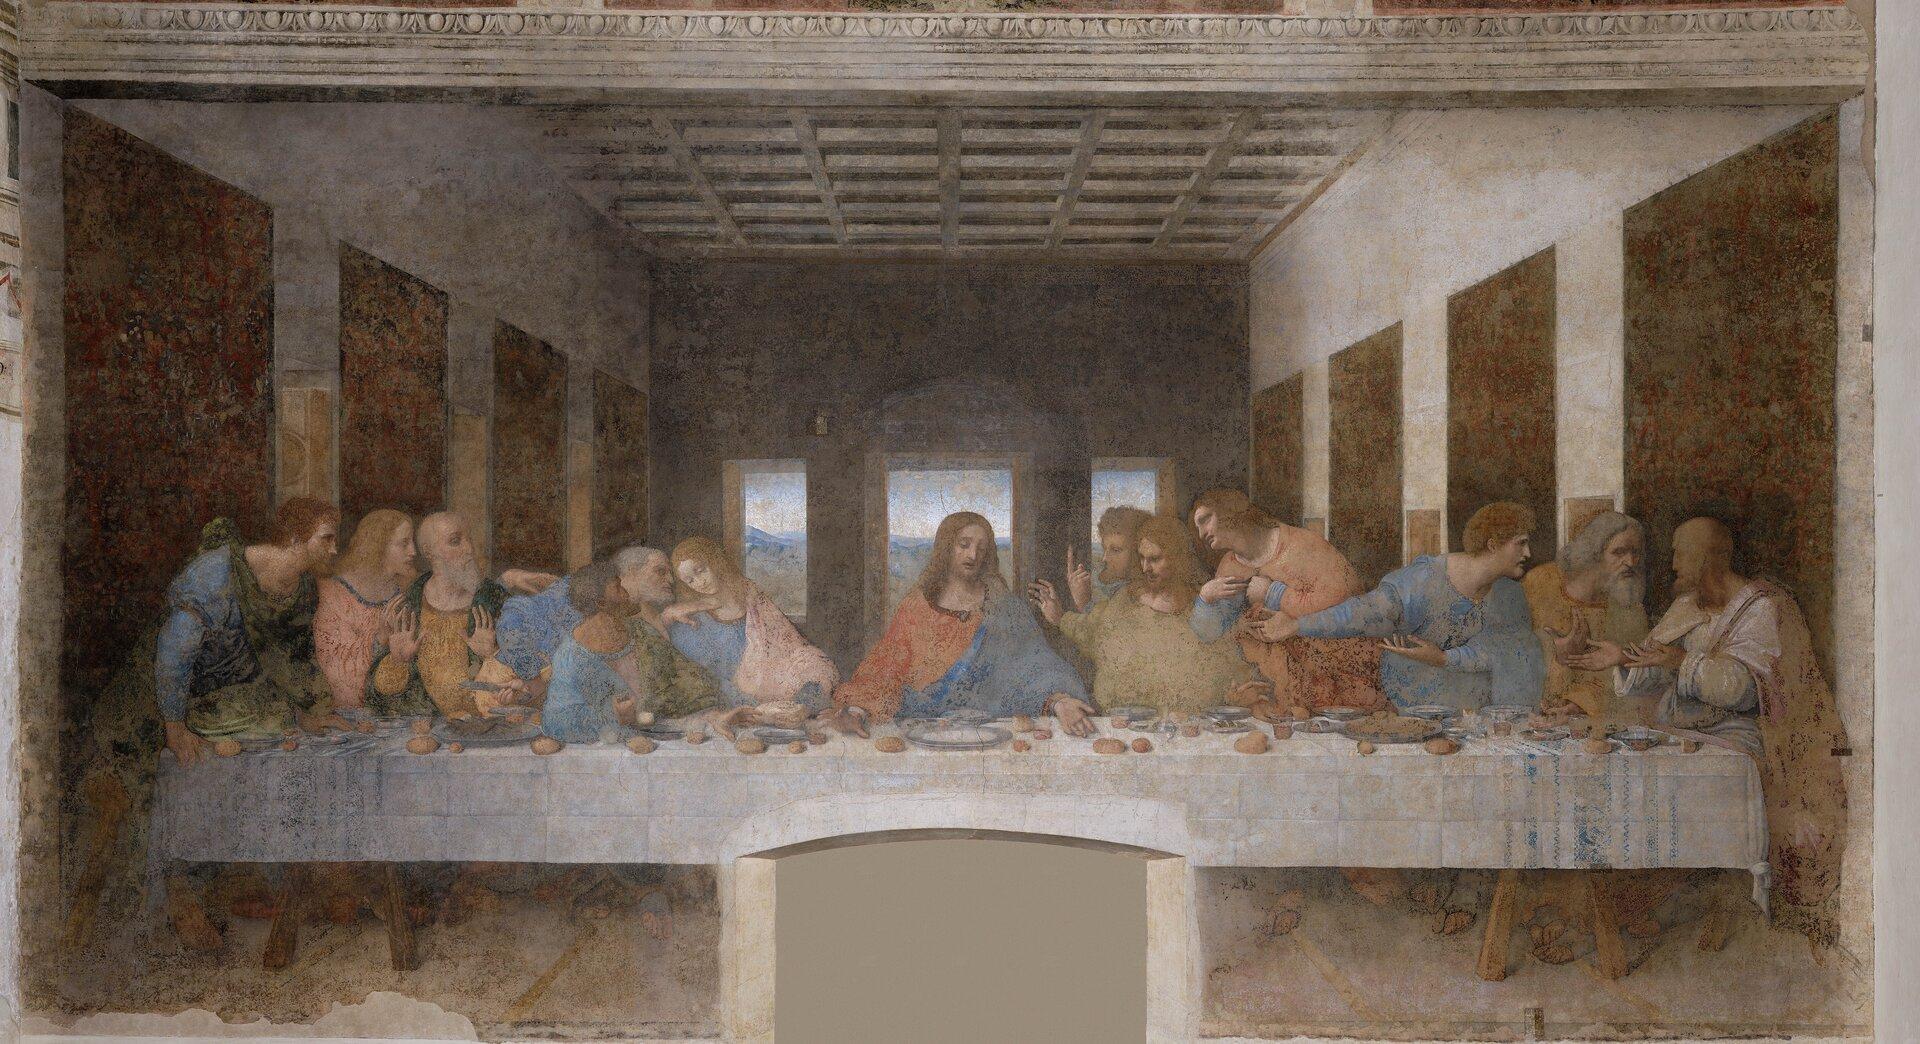 Ostatnia wieczerza Fresk wklasztorze wMediolanie wykonano na zlecenie księcia LudwikaSforzy. Zpowodu wilgoci malowidło było bardzo uszkodzone, ale po piętnastoletniej konserwacji przywrócono mu dawną świetność. Źródło: Leonardo da Vinci, Ostatnia wieczerza, 1495-1498, fresk, Santa Maria delle Grazie, domena publiczna.